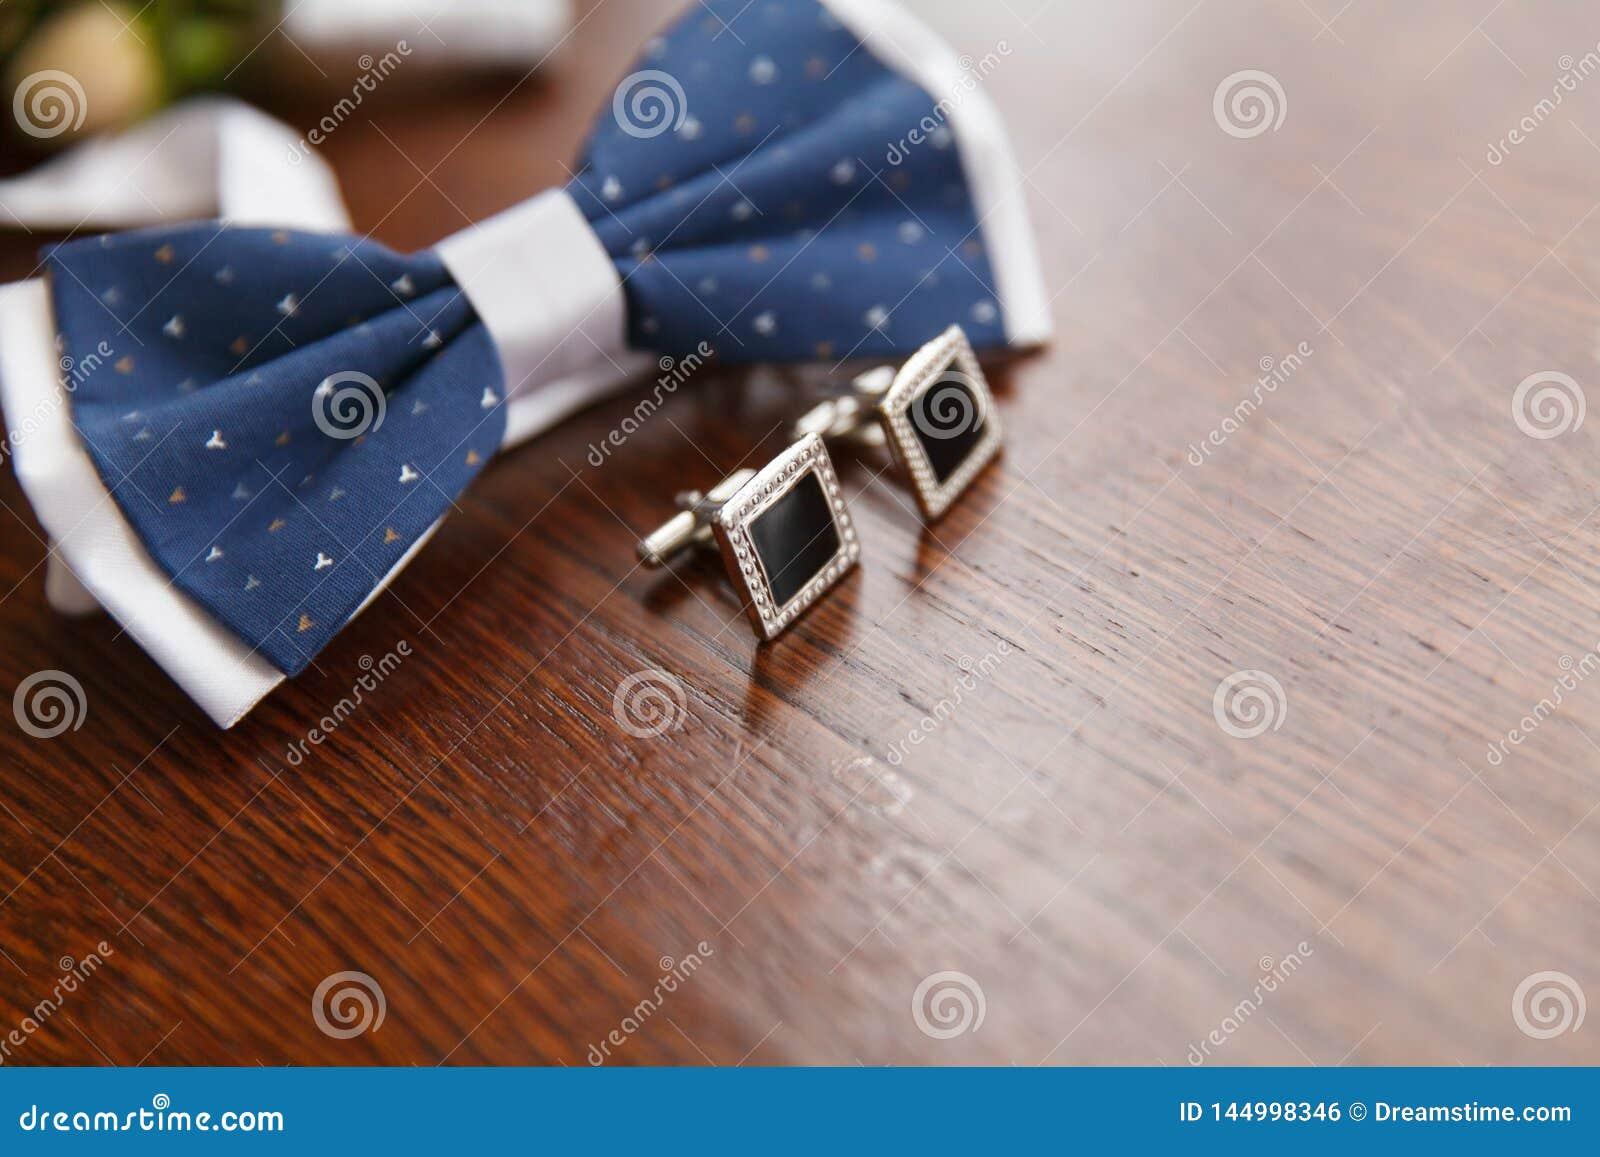 Fliege und Manschettenknöpfe für Bräutigam